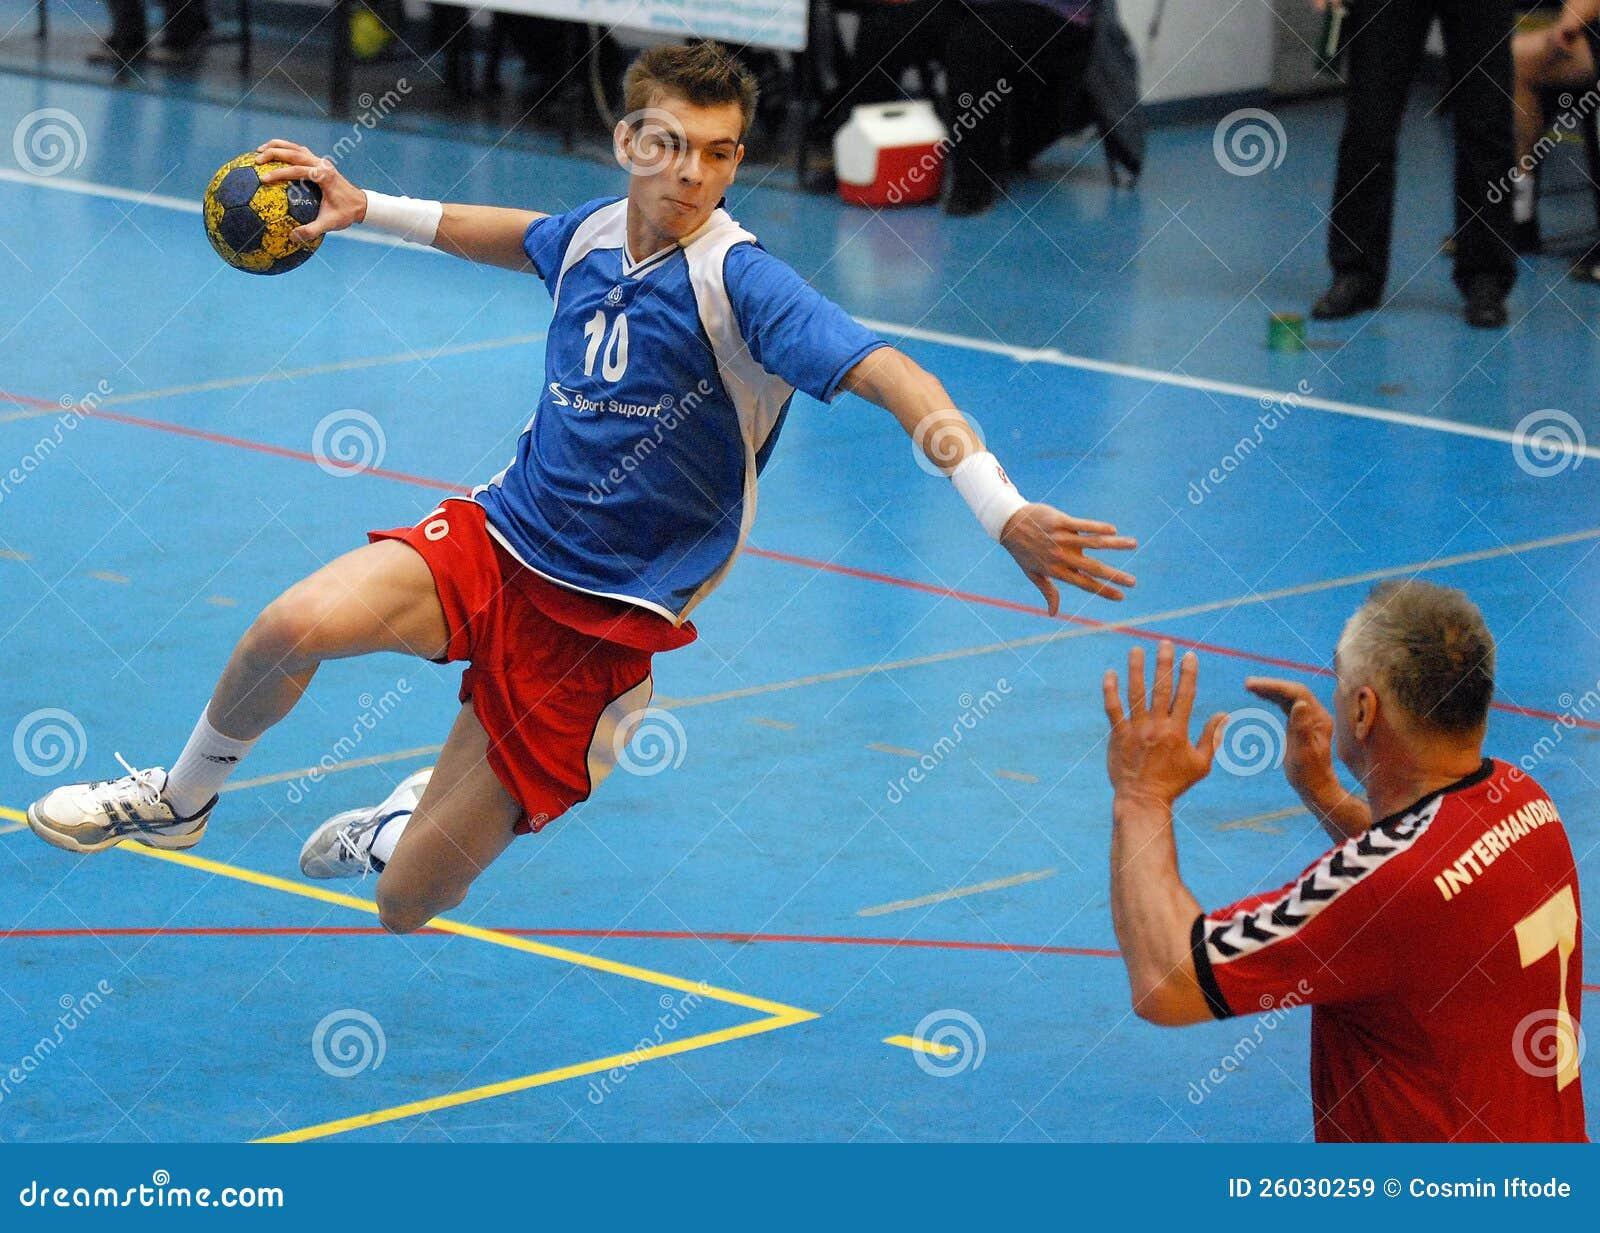 Attacco di palla a muro